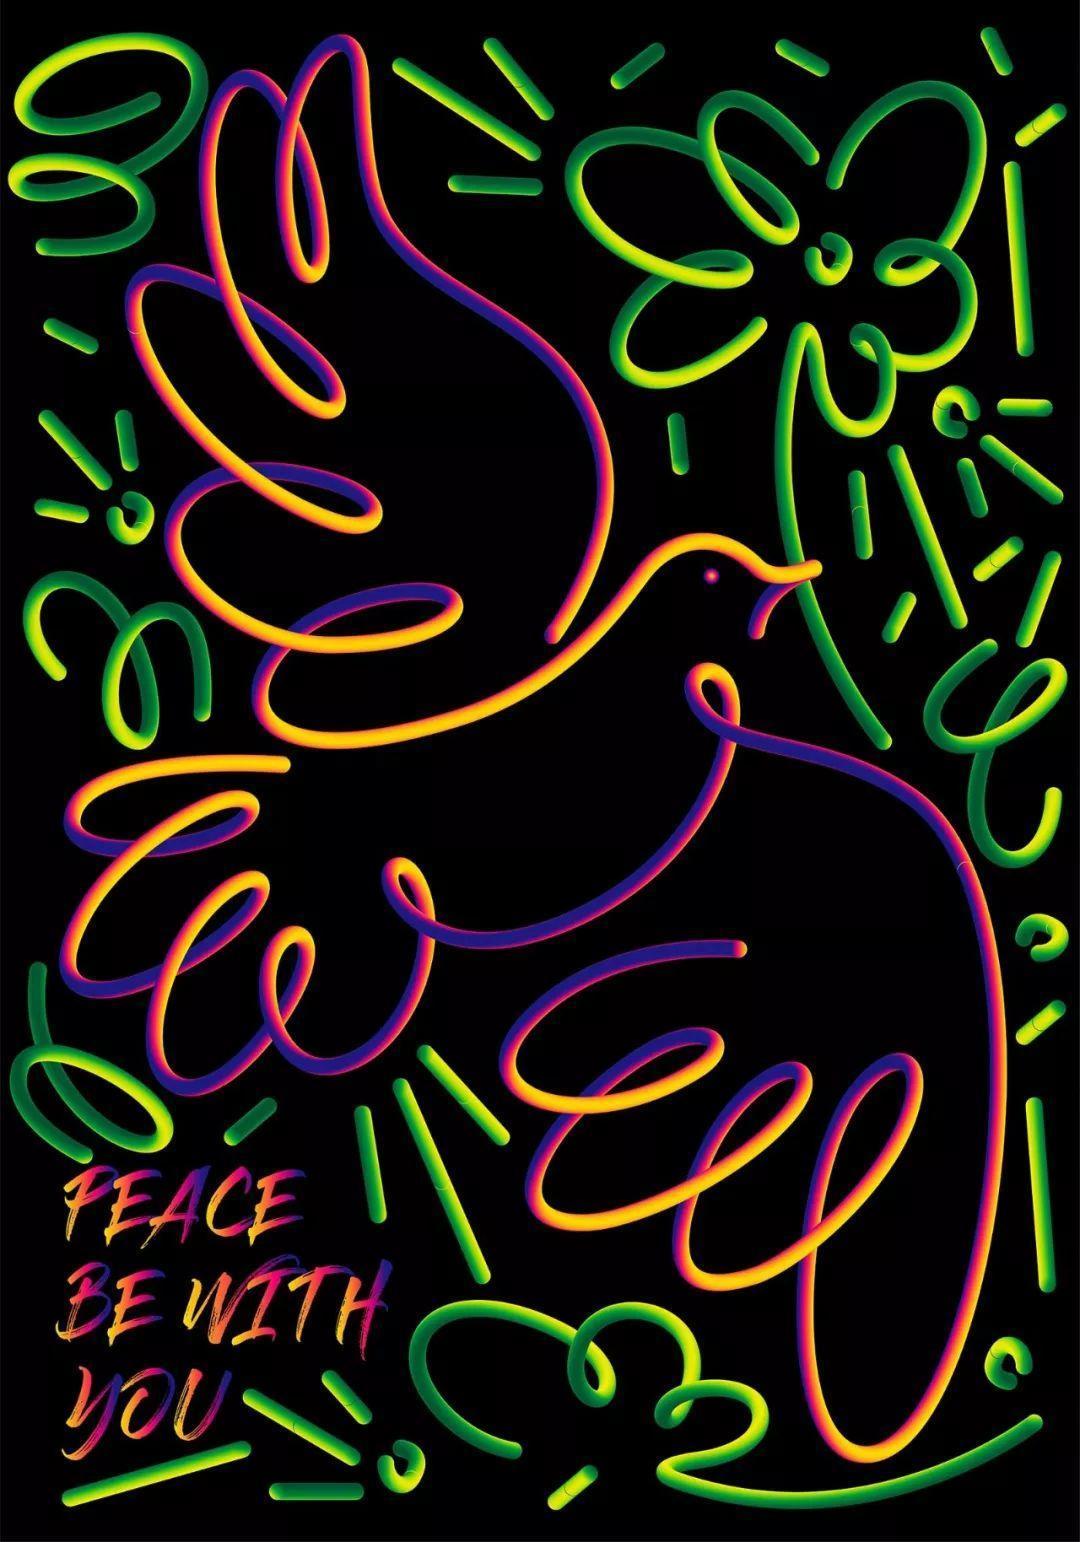 张勇_PEACE BE WITH YOU